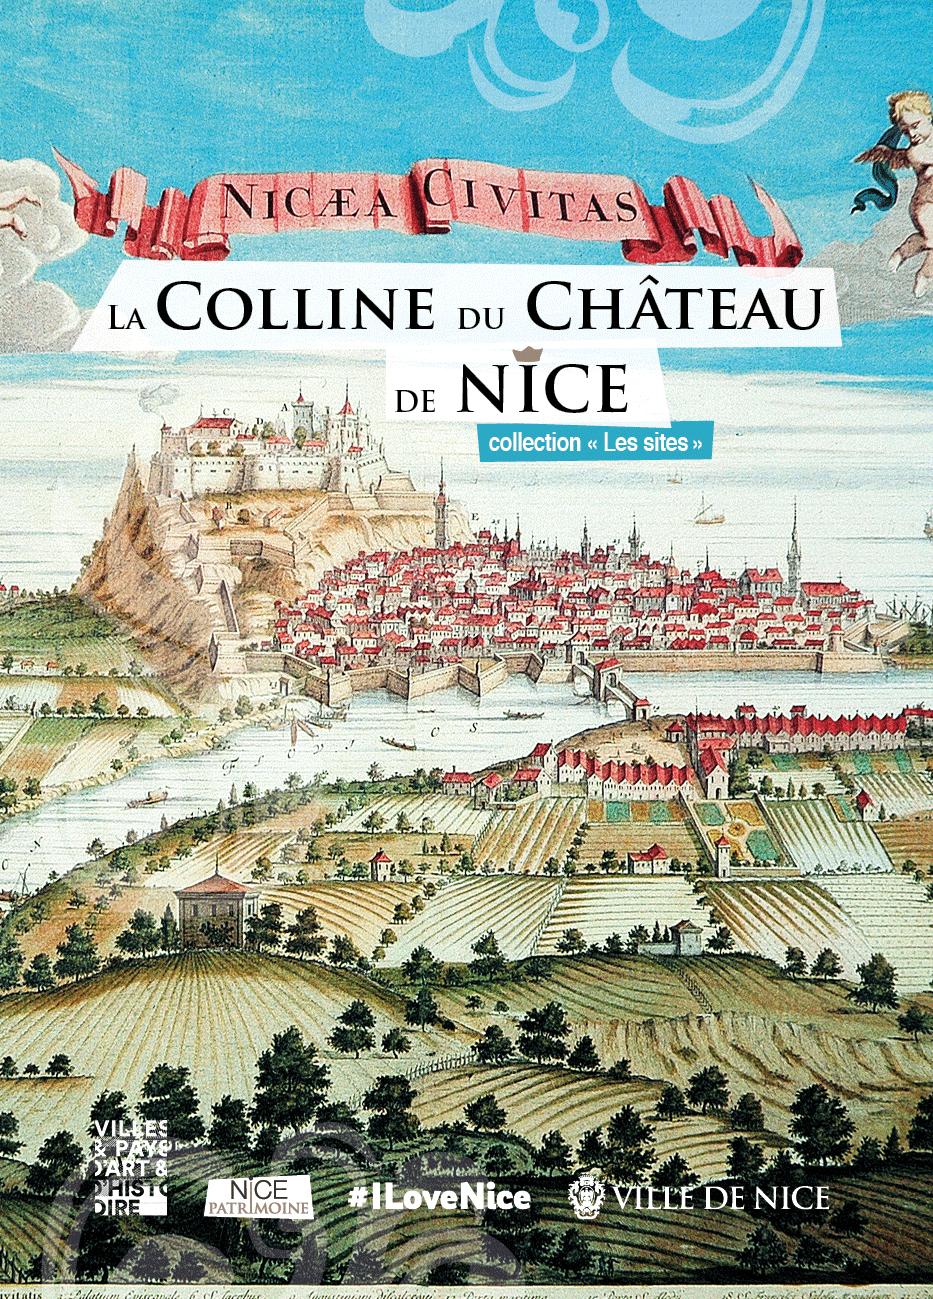 Fiche patrimoine La Colline du Chateau